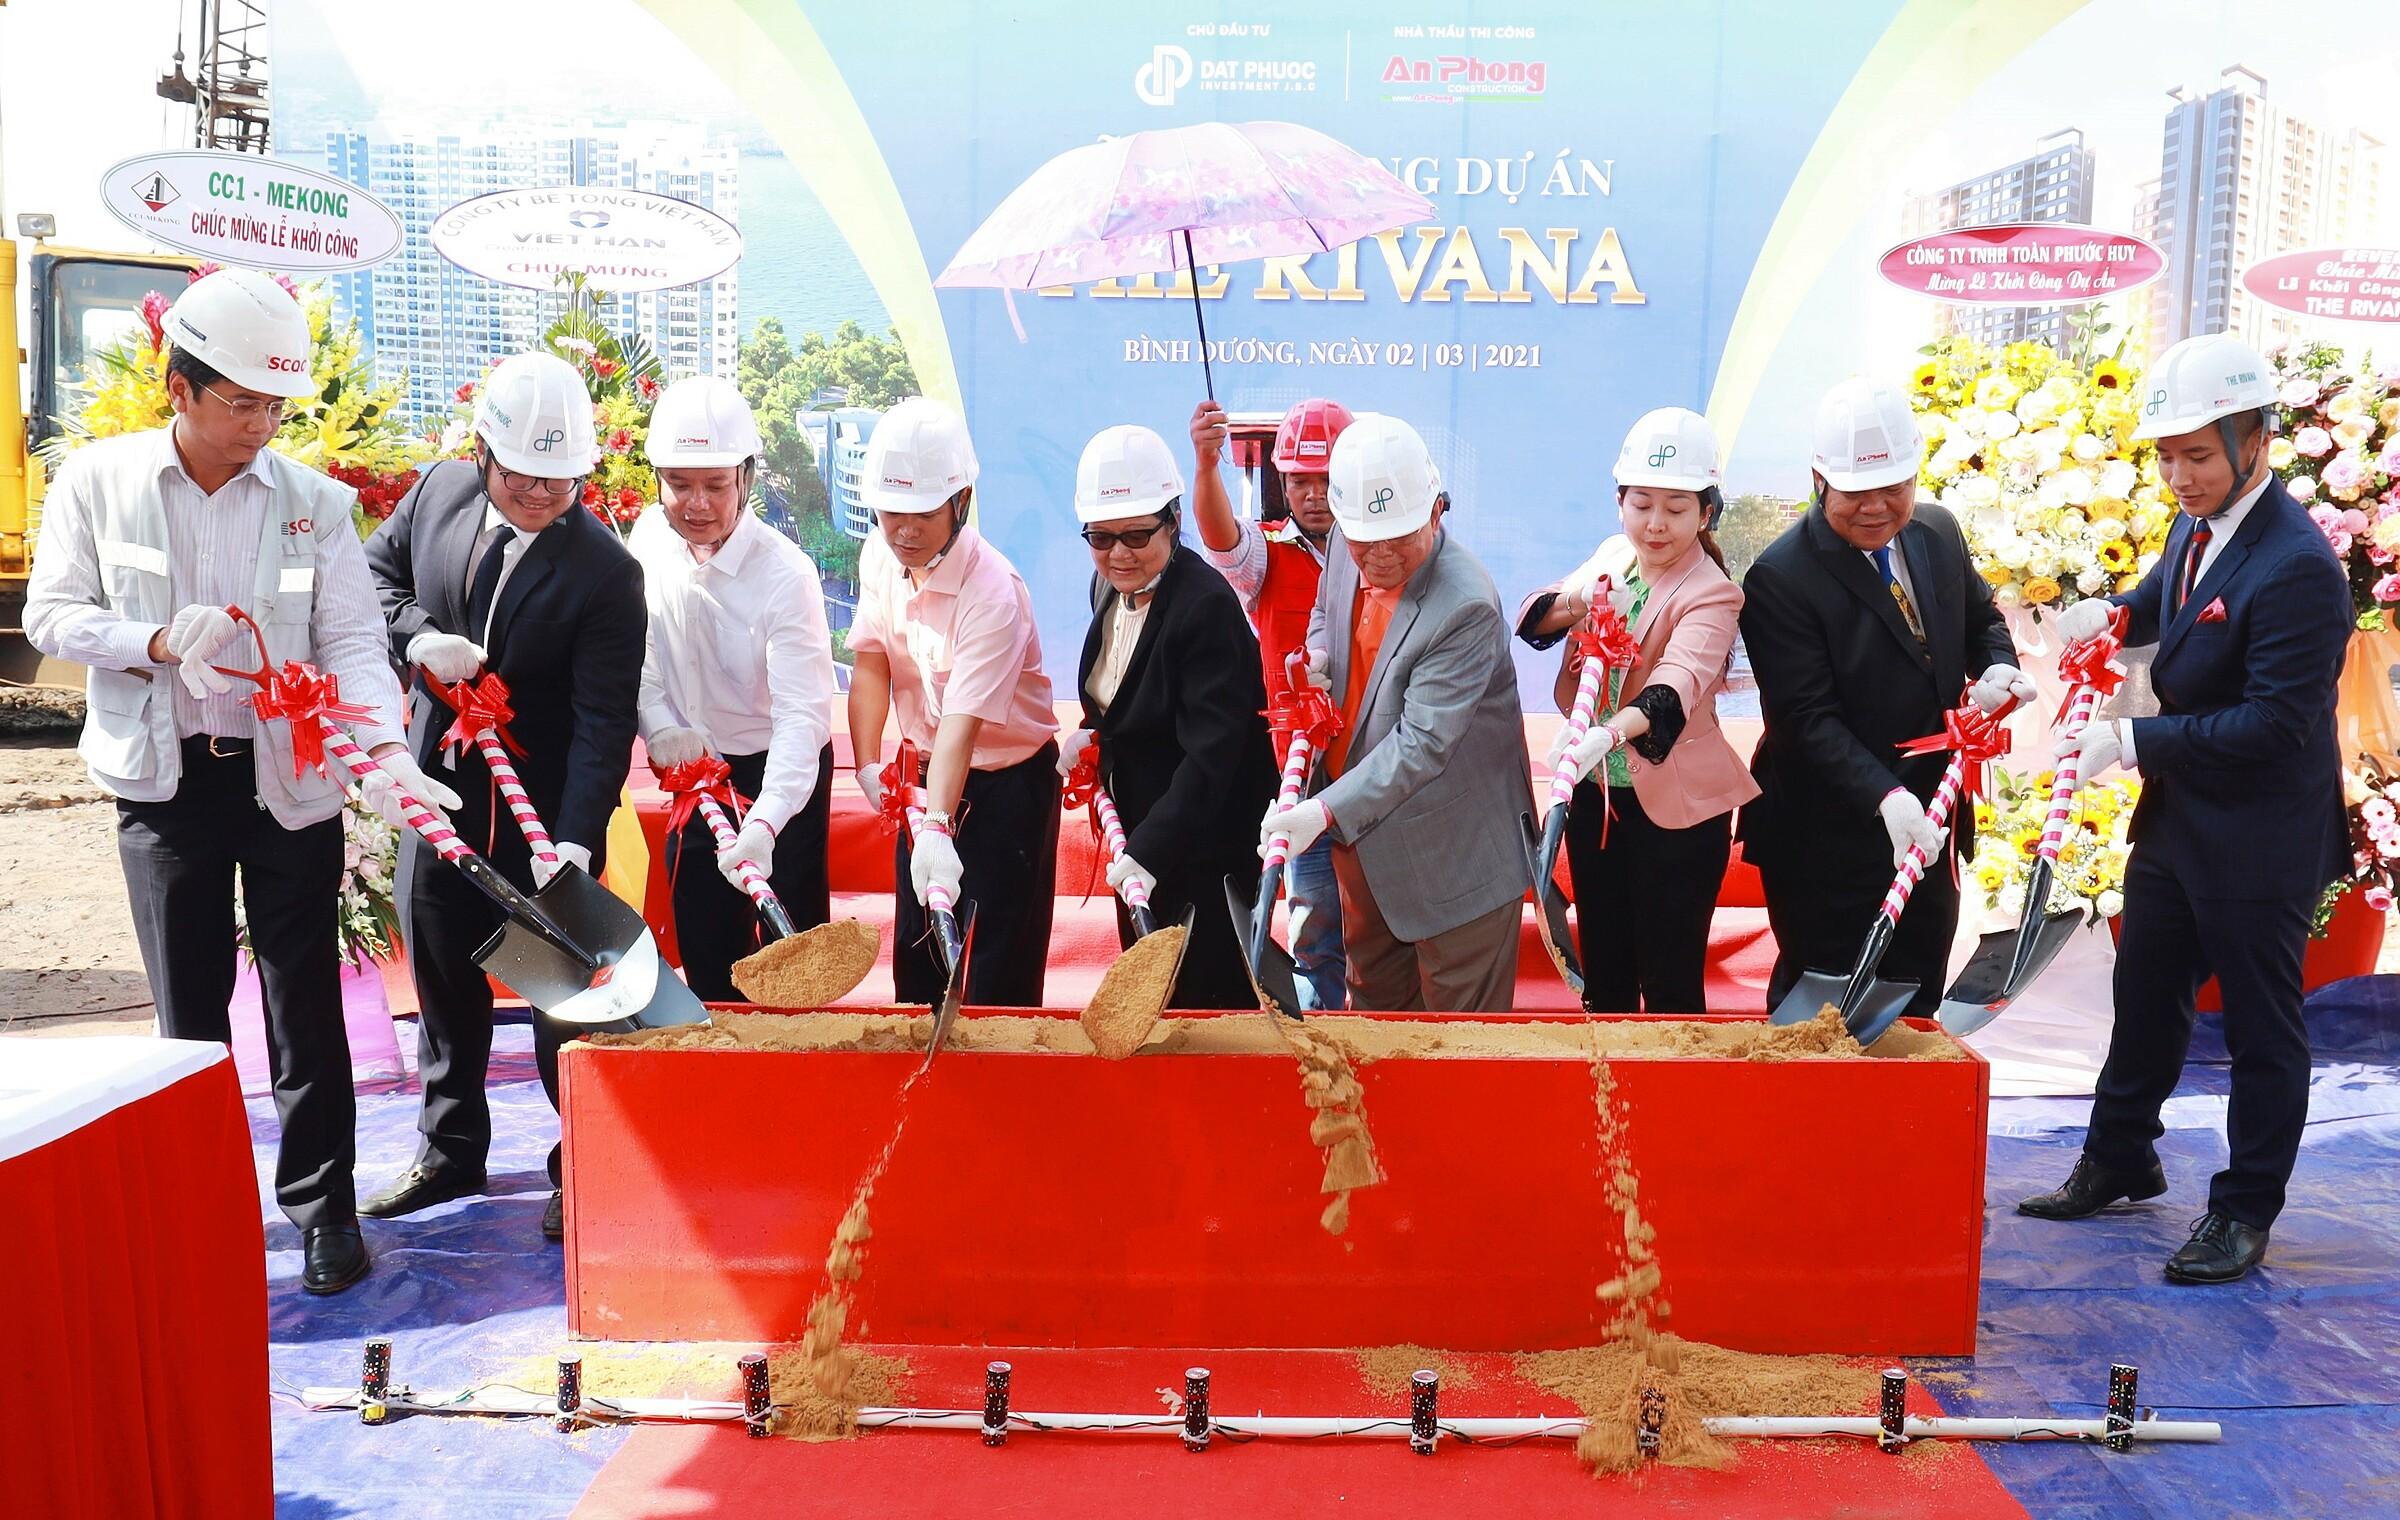 Lễ khởi công xây dựng dự án The Rivana diễn ra vào ngày 13/3. Ảnh: Đạt Phước.